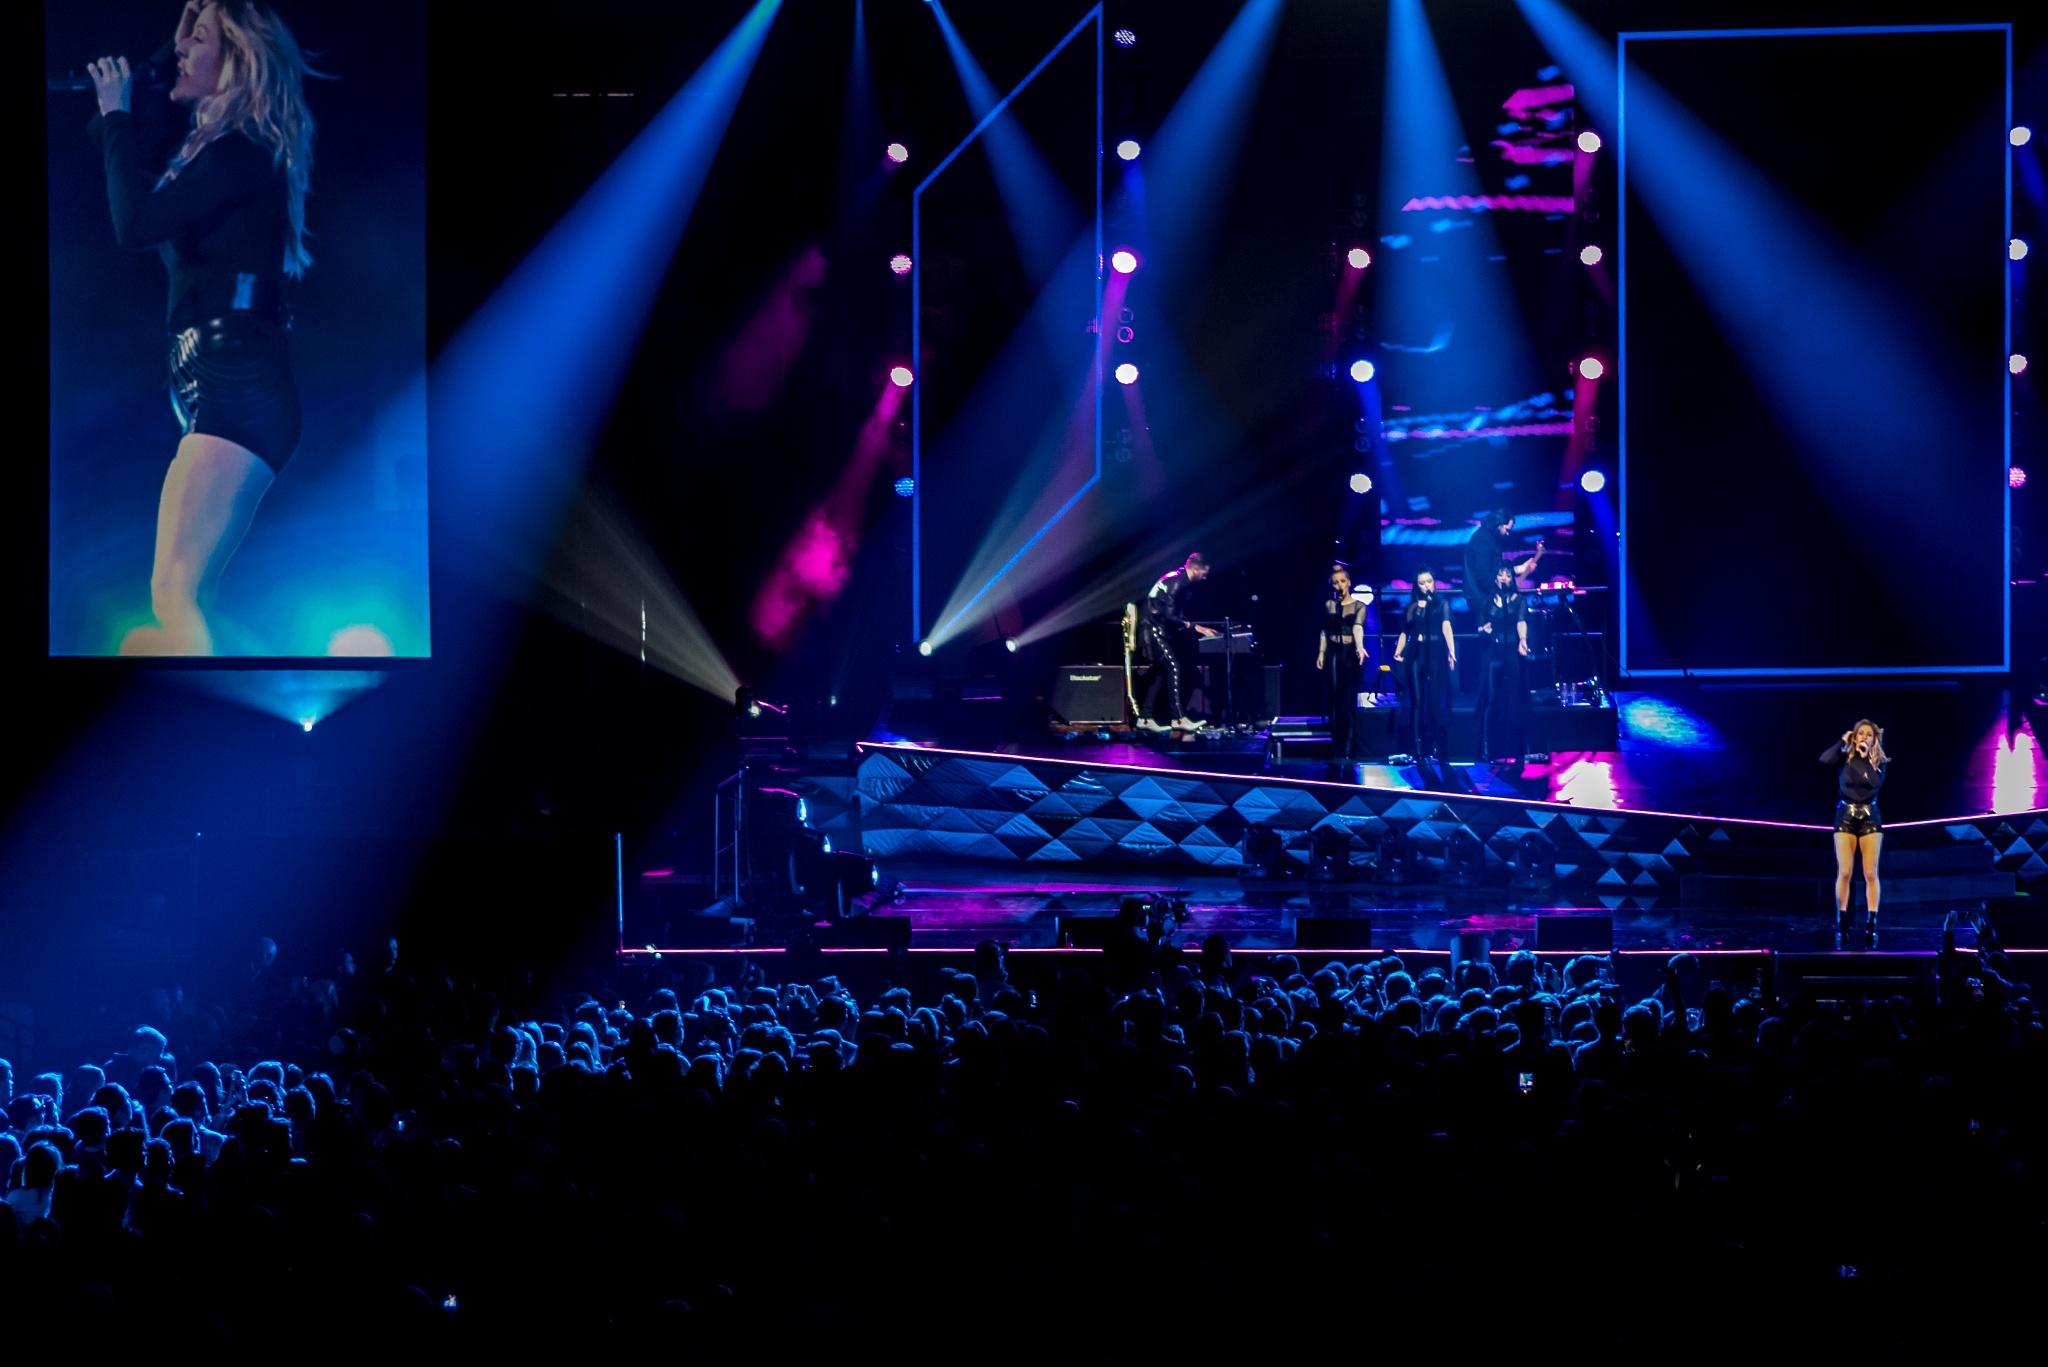 indoor concert 2 by MTM